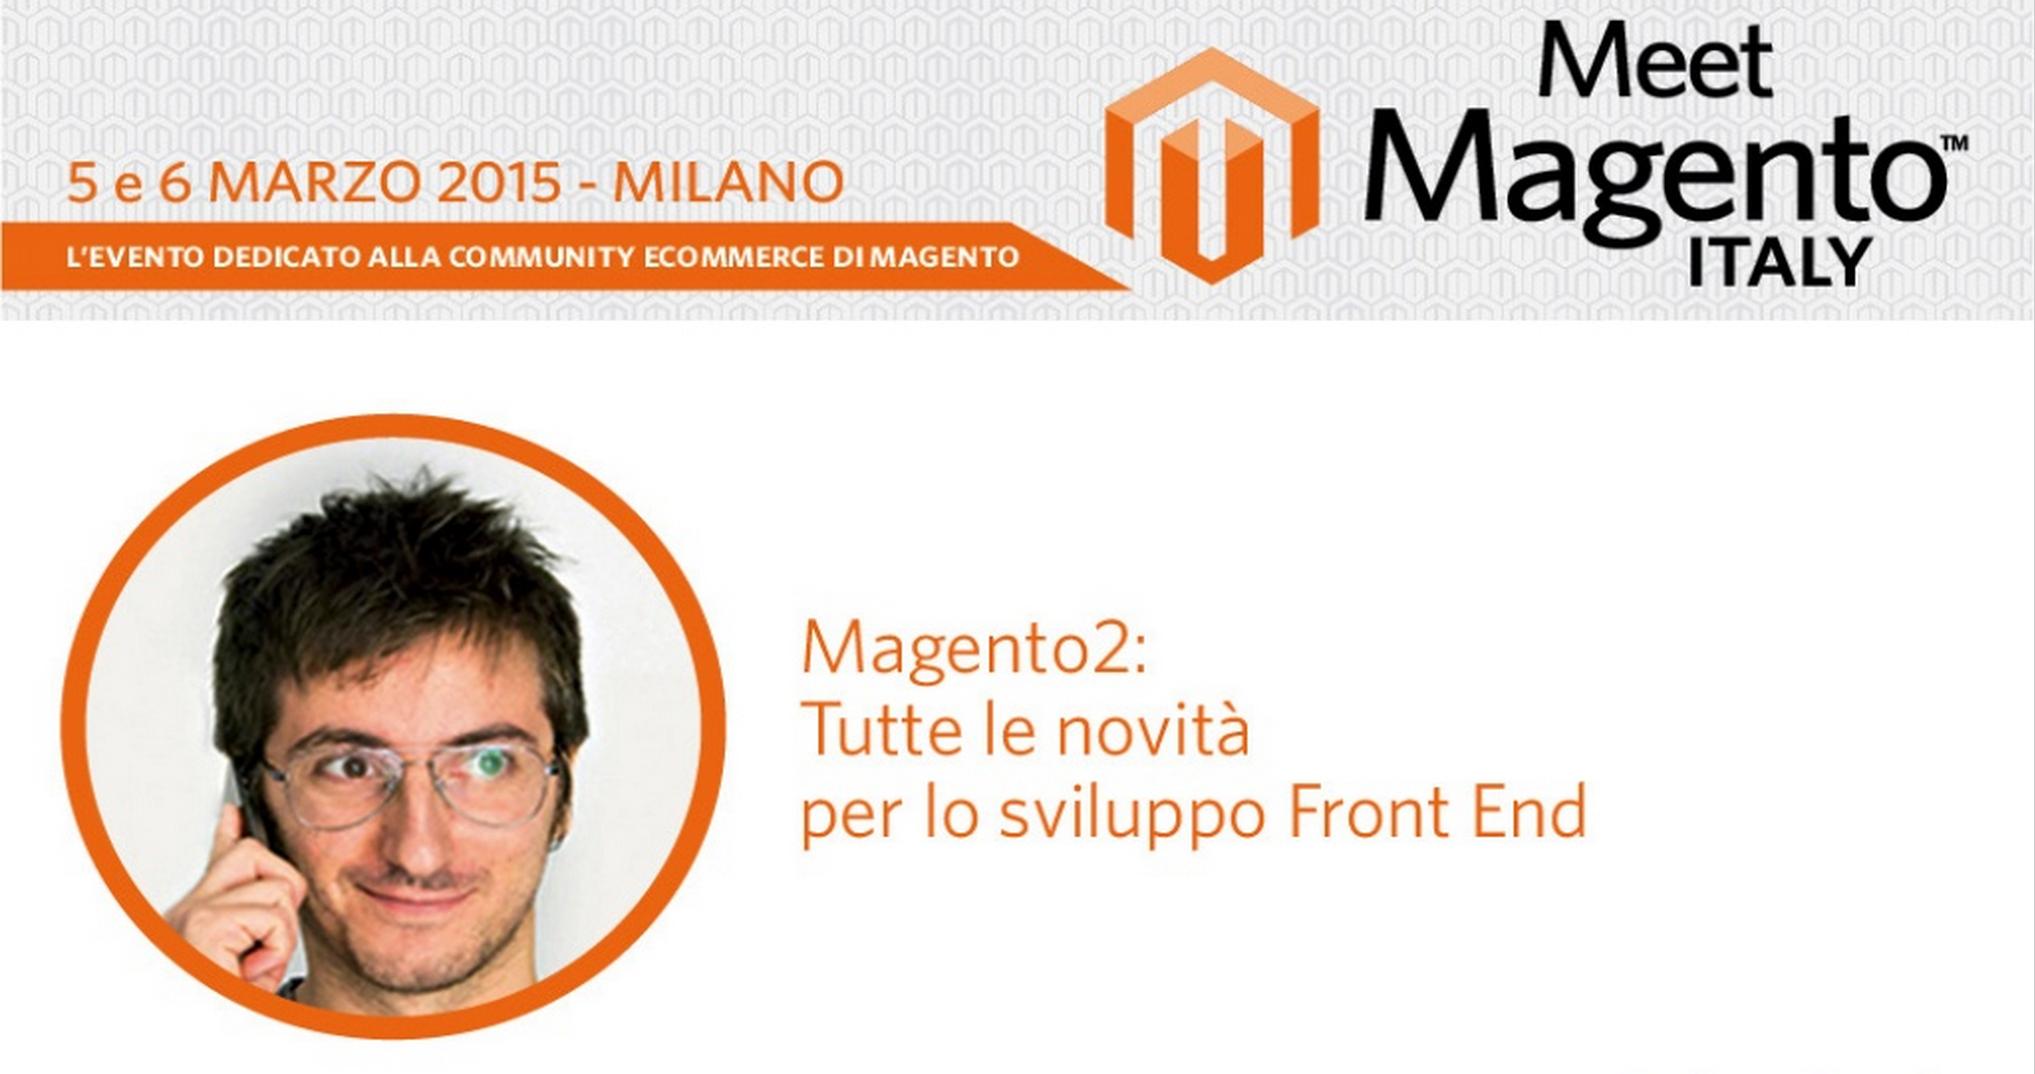 Magento2 Frontend: Le novità per lo sviluppo di temi